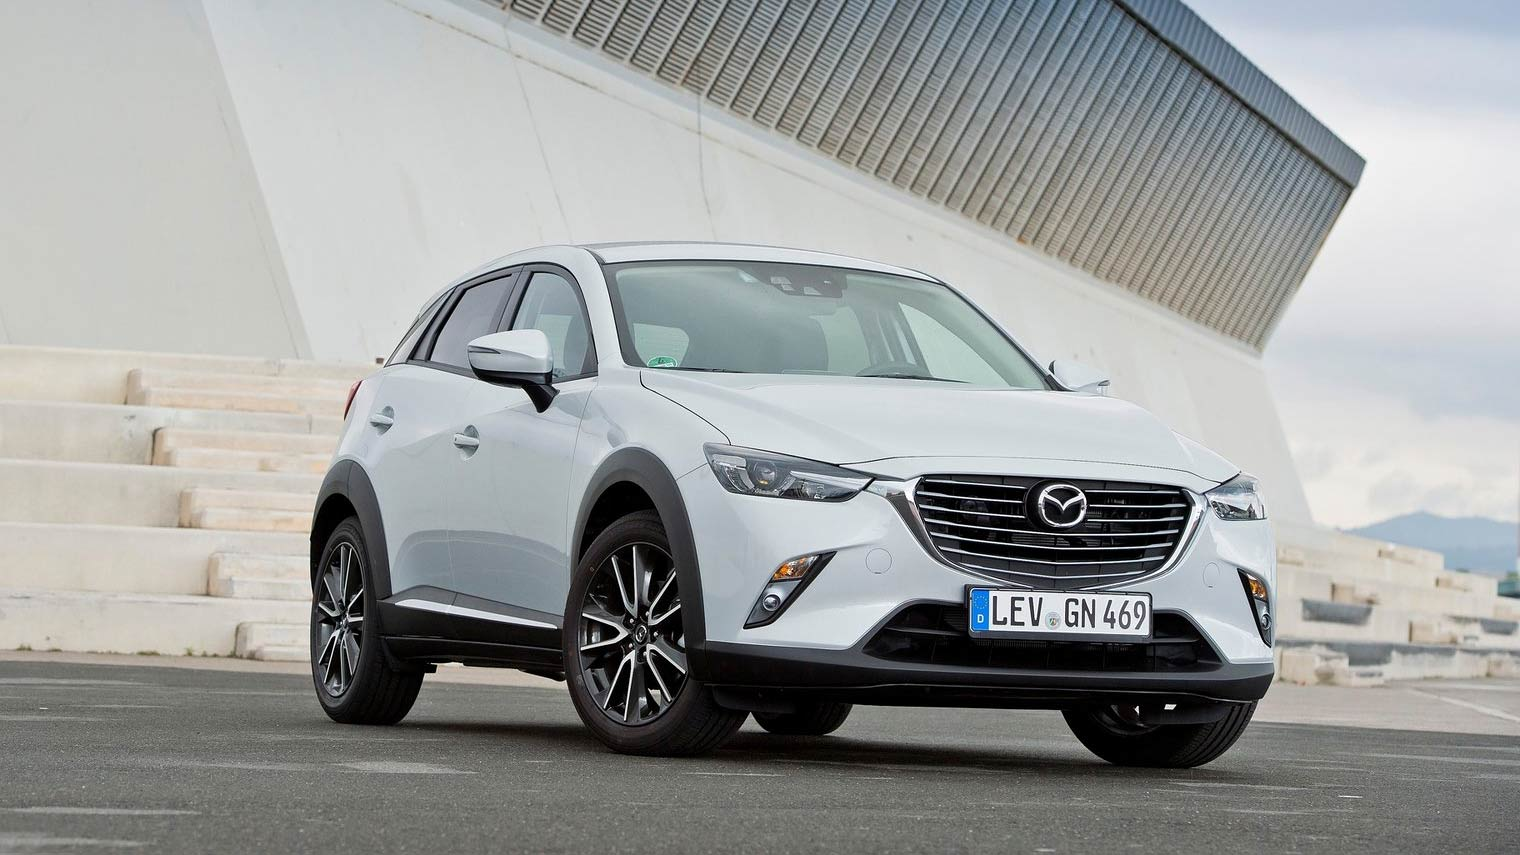 Nu Ook Mazda Bij Anwb Private Lease Anwb